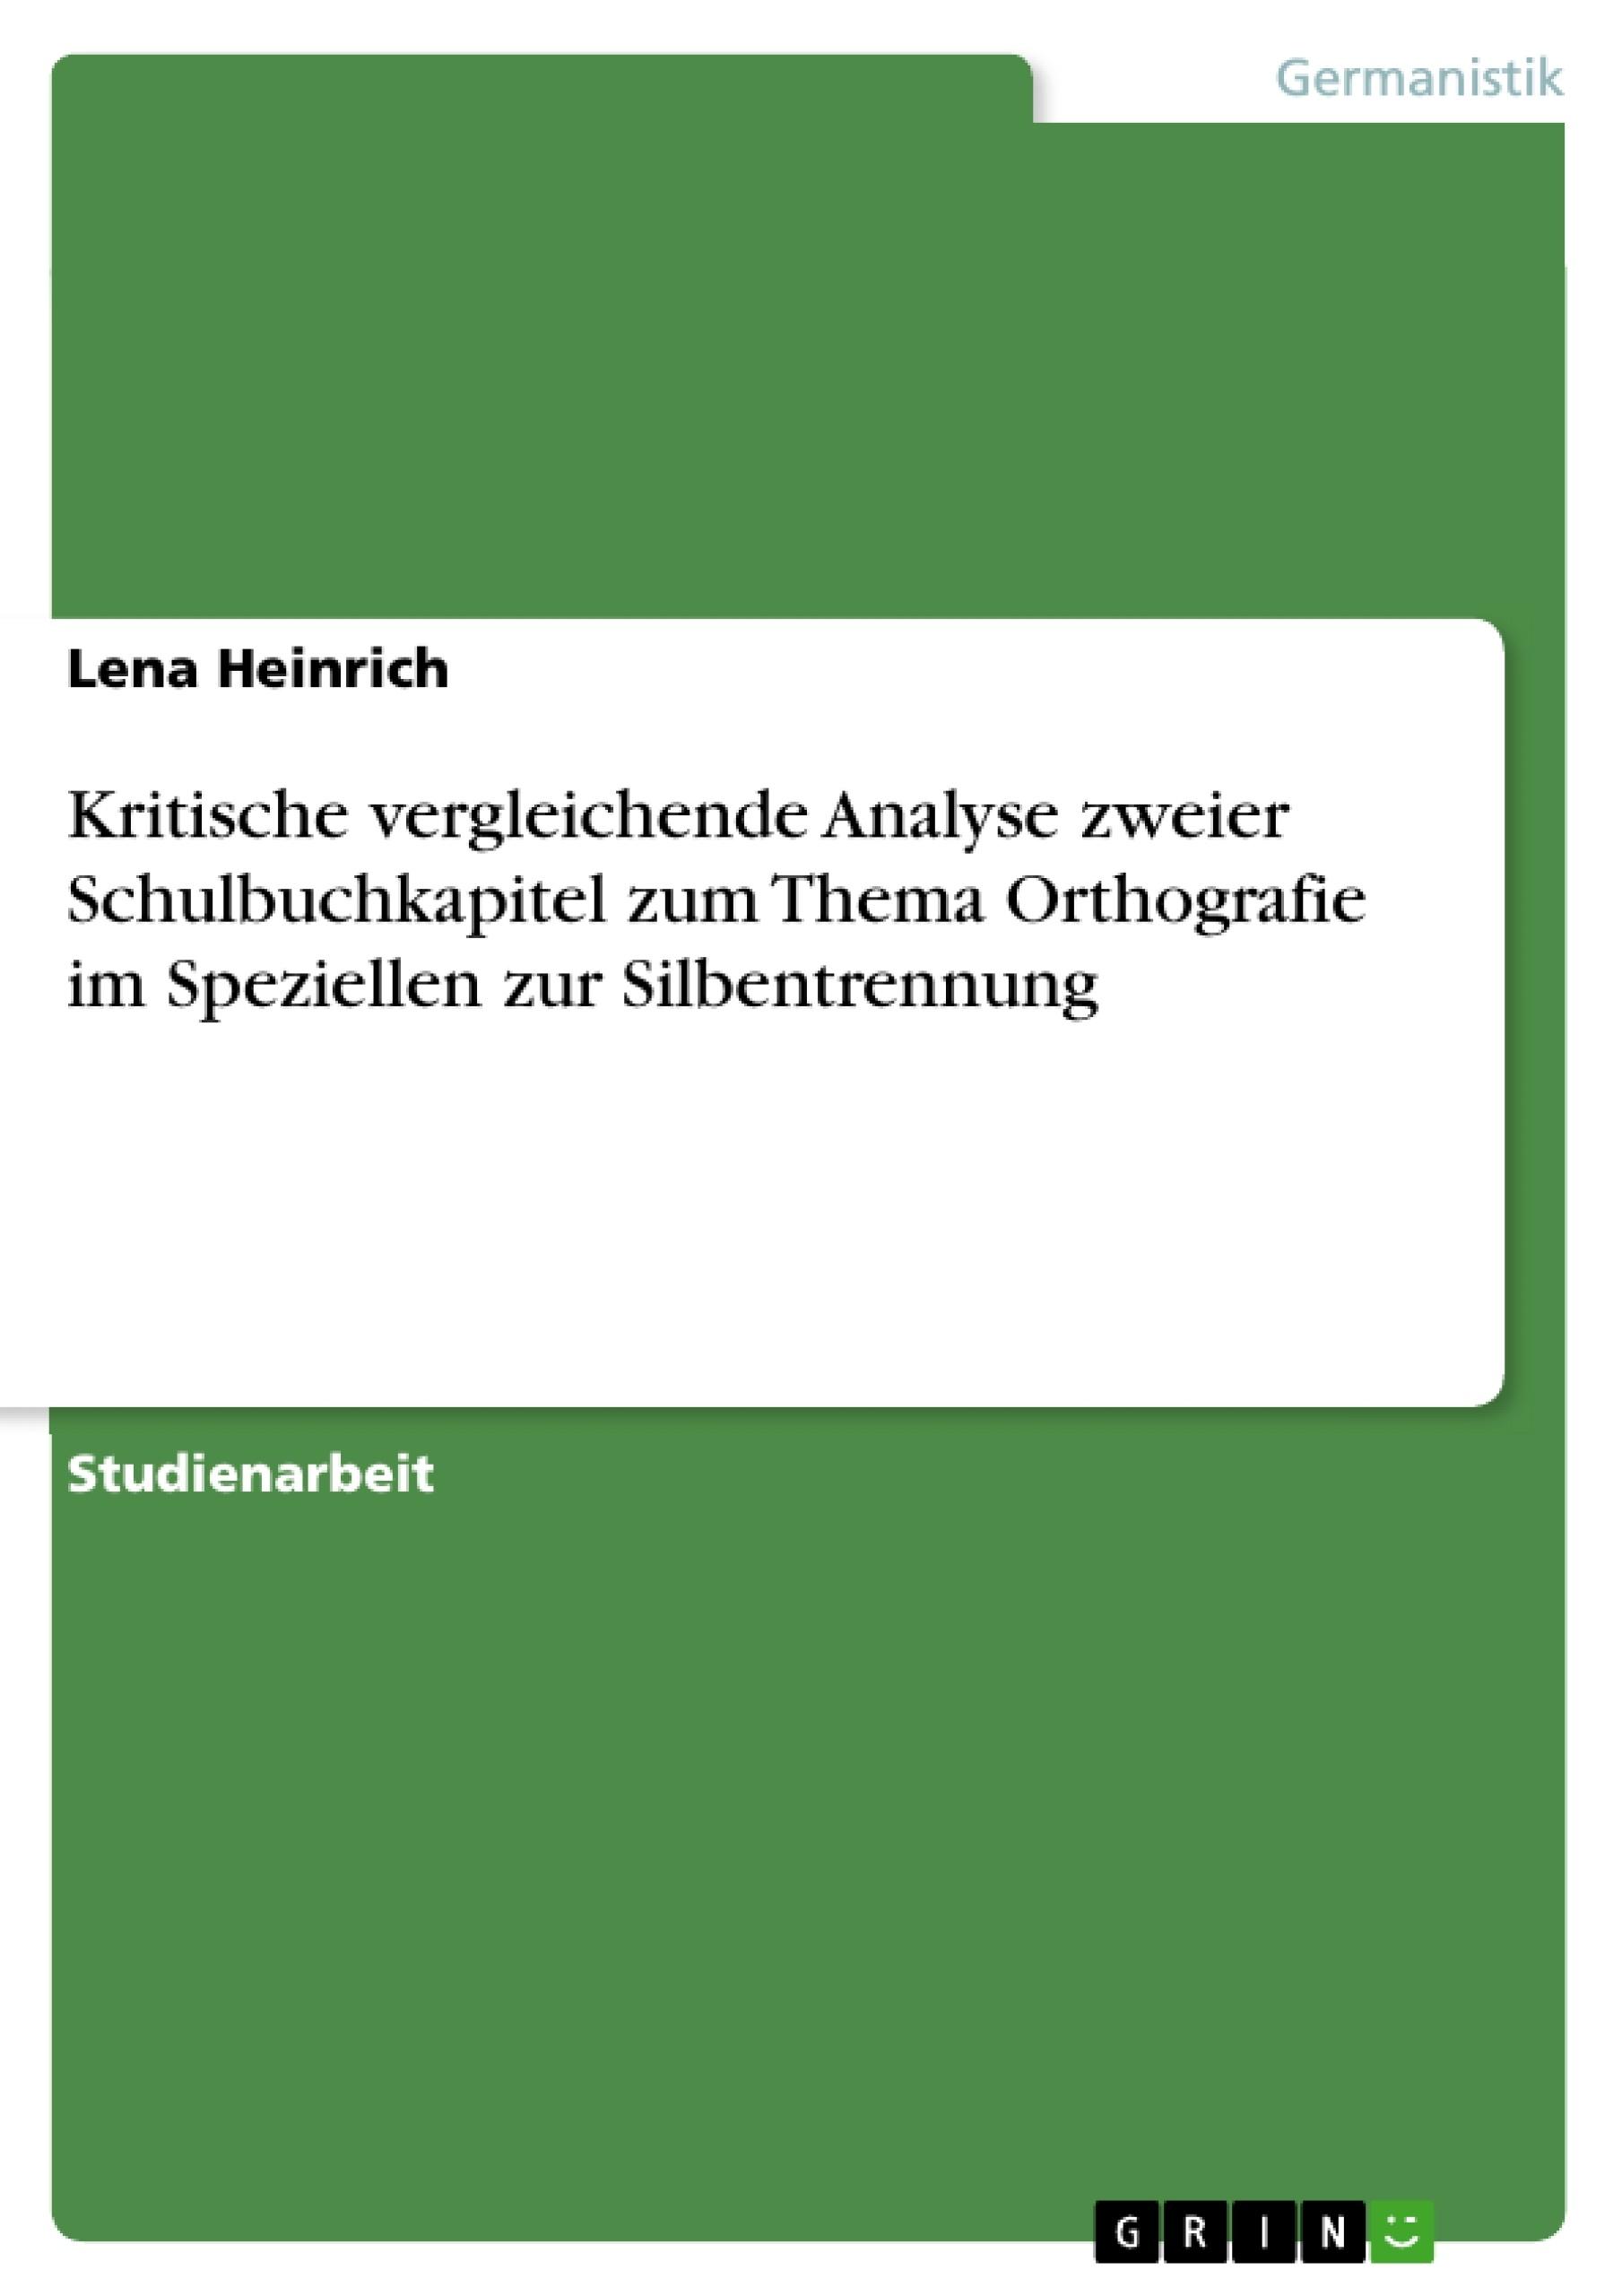 Titel: Kritische vergleichende Analyse zweier Schulbuchkapitel zum Thema Orthografie im Speziellen zur Silbentrennung